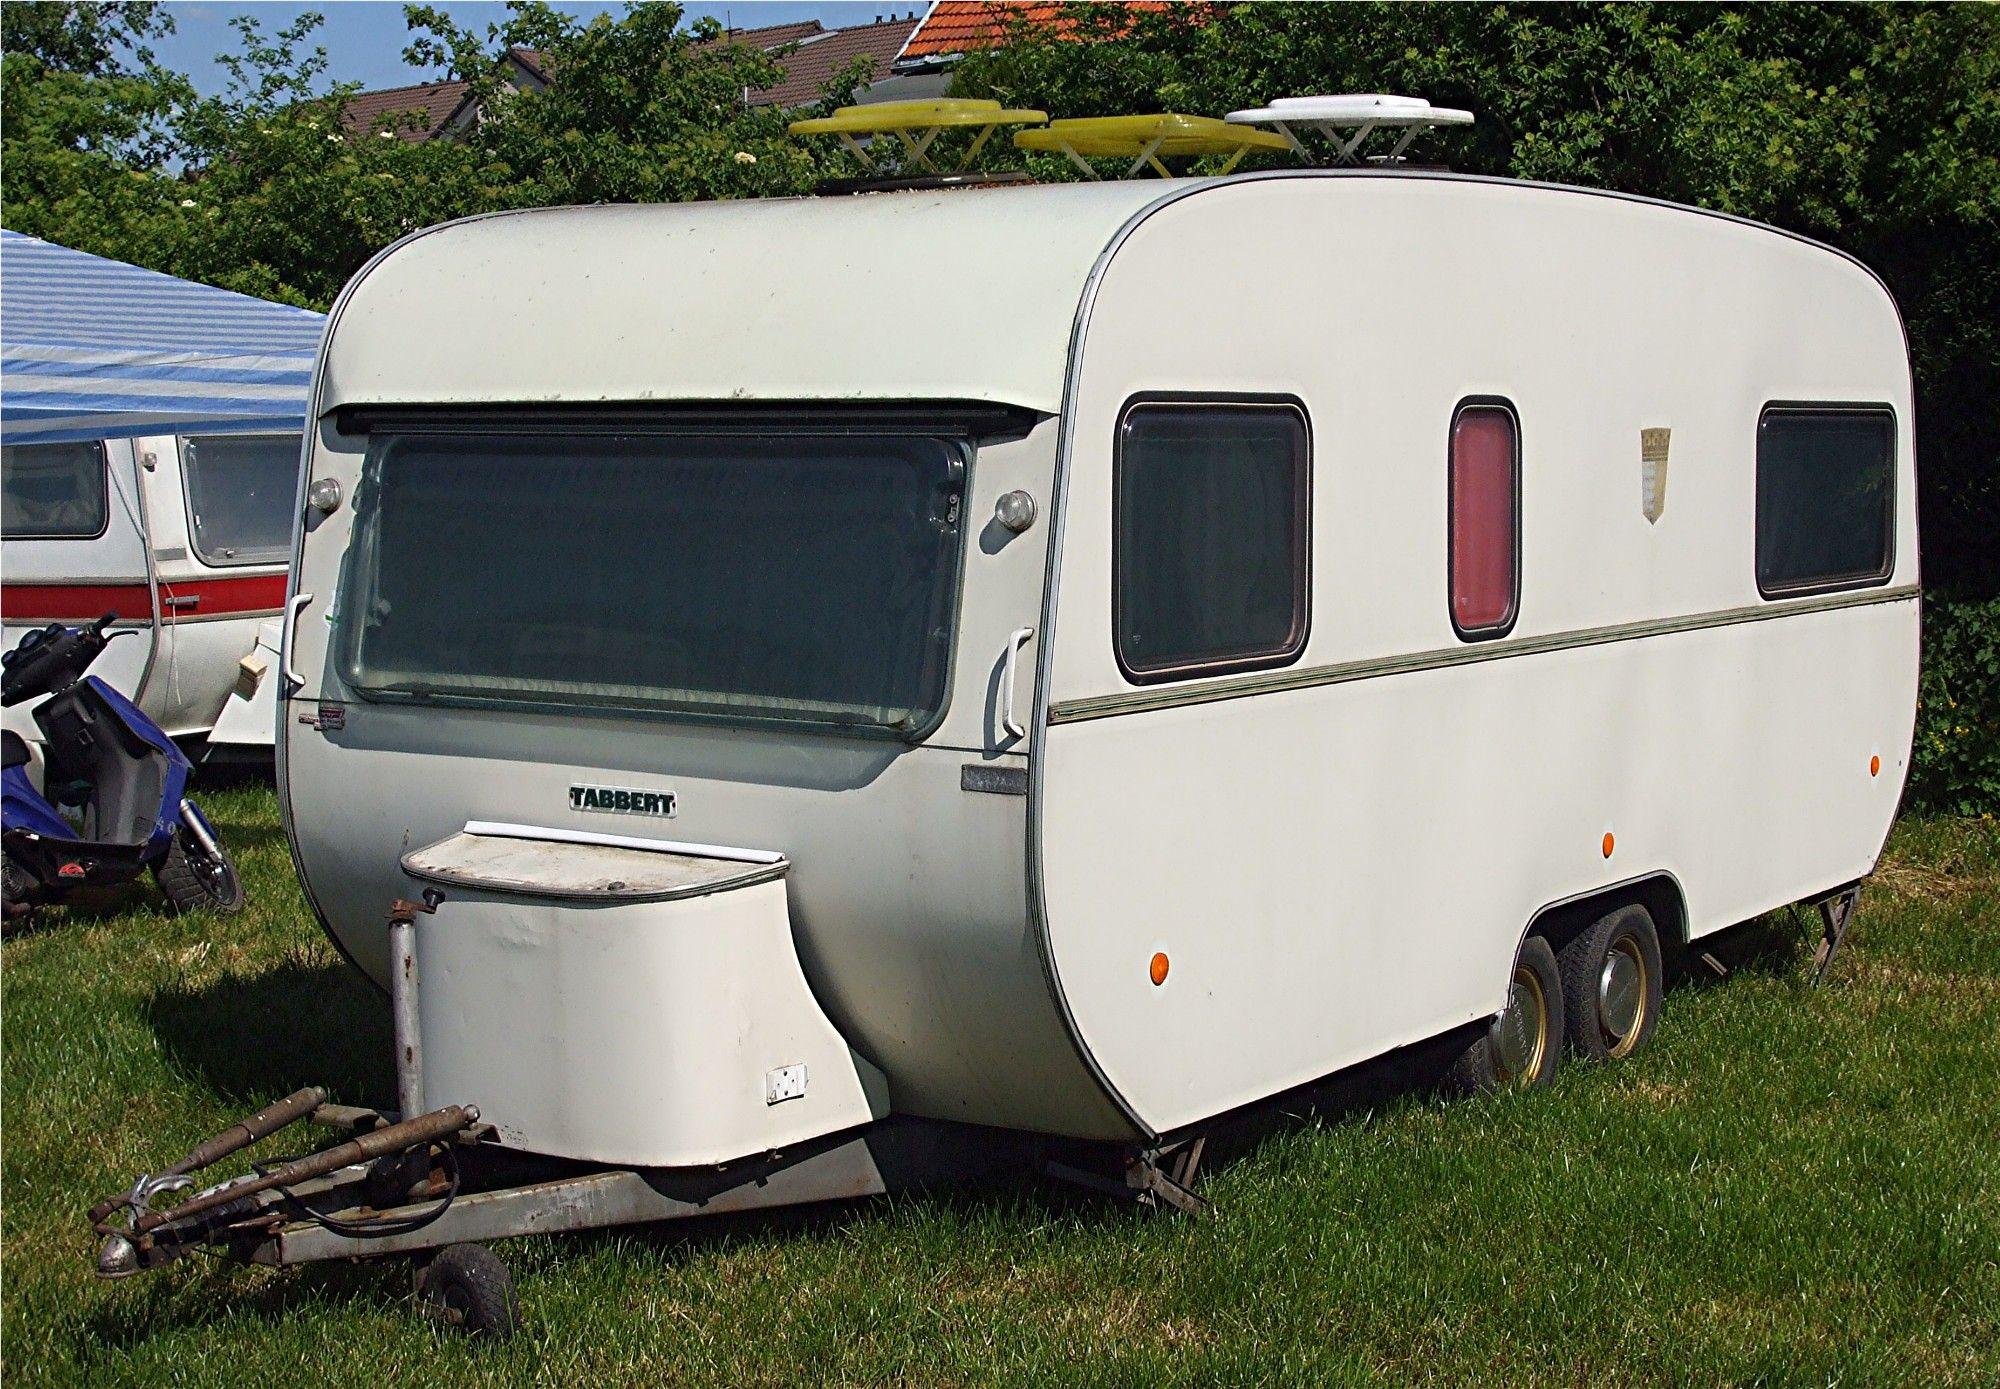 une caravane tabbert de 2 essieux des ann es 70 39 caravanes tabbert pinterest caravane. Black Bedroom Furniture Sets. Home Design Ideas